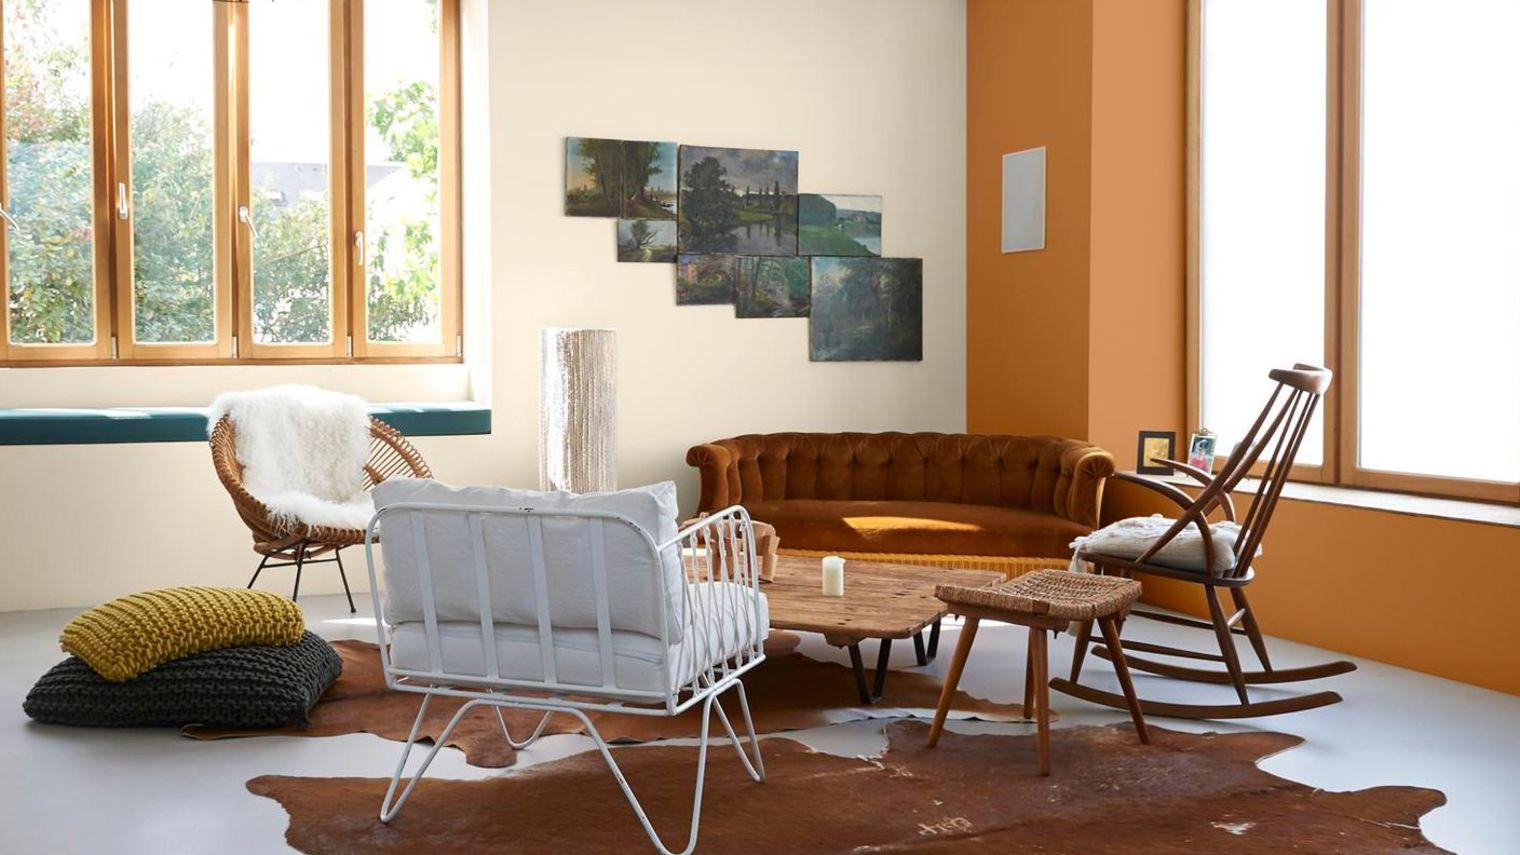 12 id es pour sublimer votre int rieur avec de la peinture. Black Bedroom Furniture Sets. Home Design Ideas